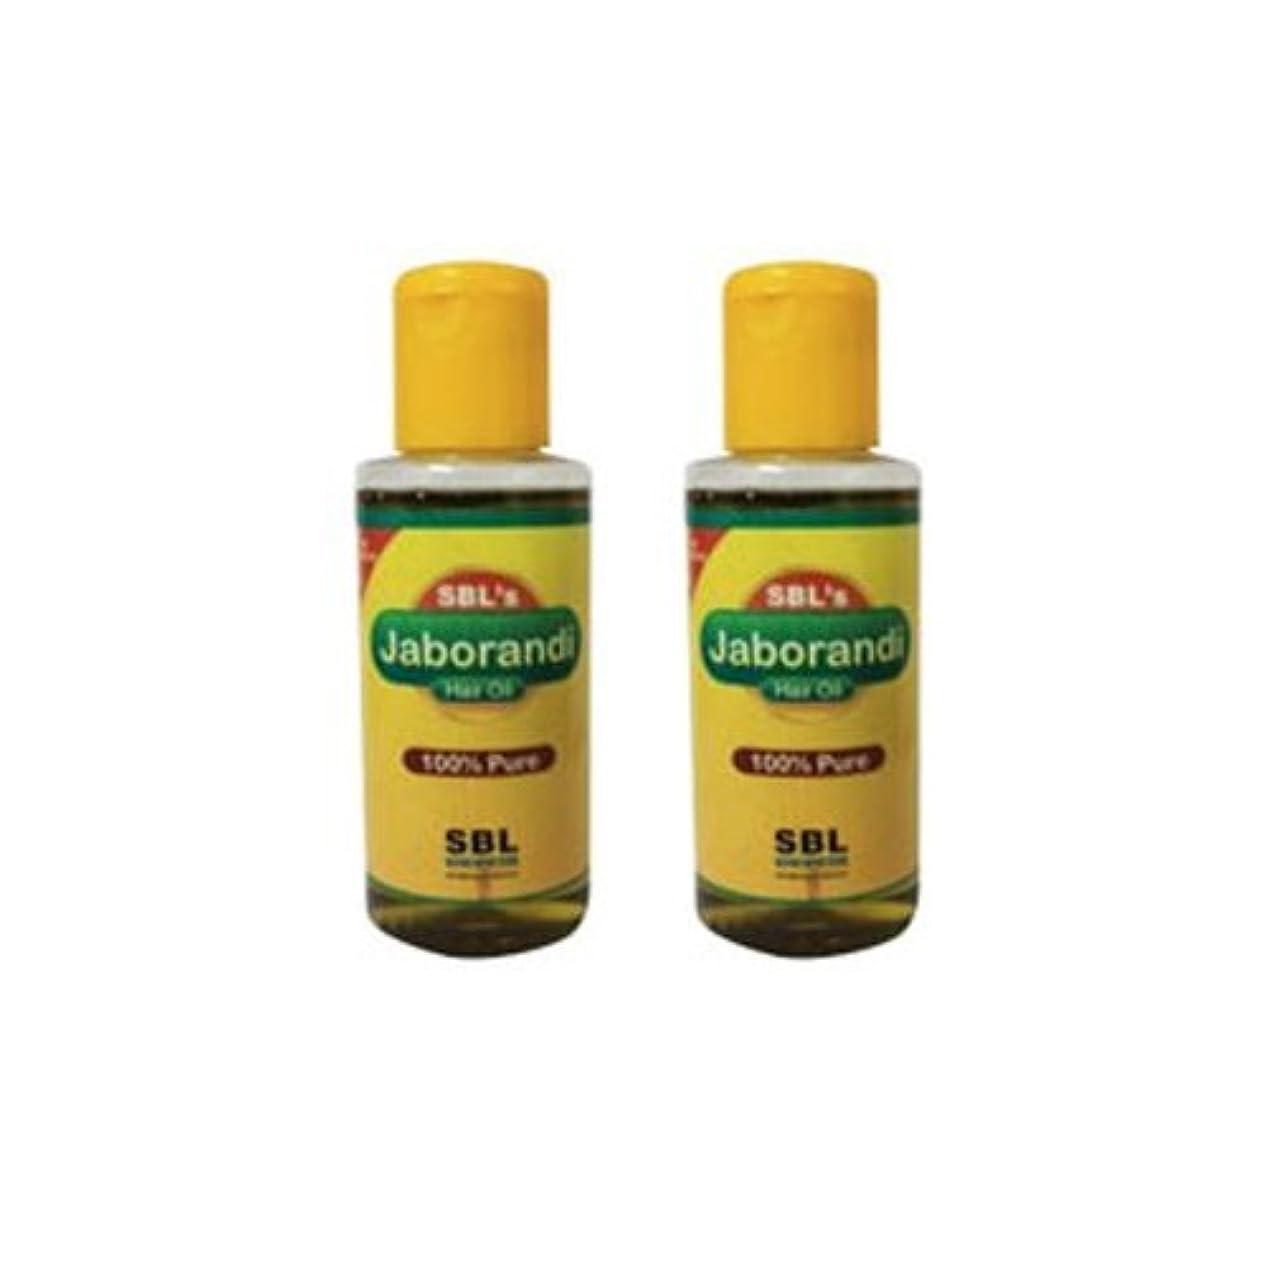 タイル不屈変化する2 x Jaborandi Hair Oil. Shipping Only By - USPS / FedEX by SBL